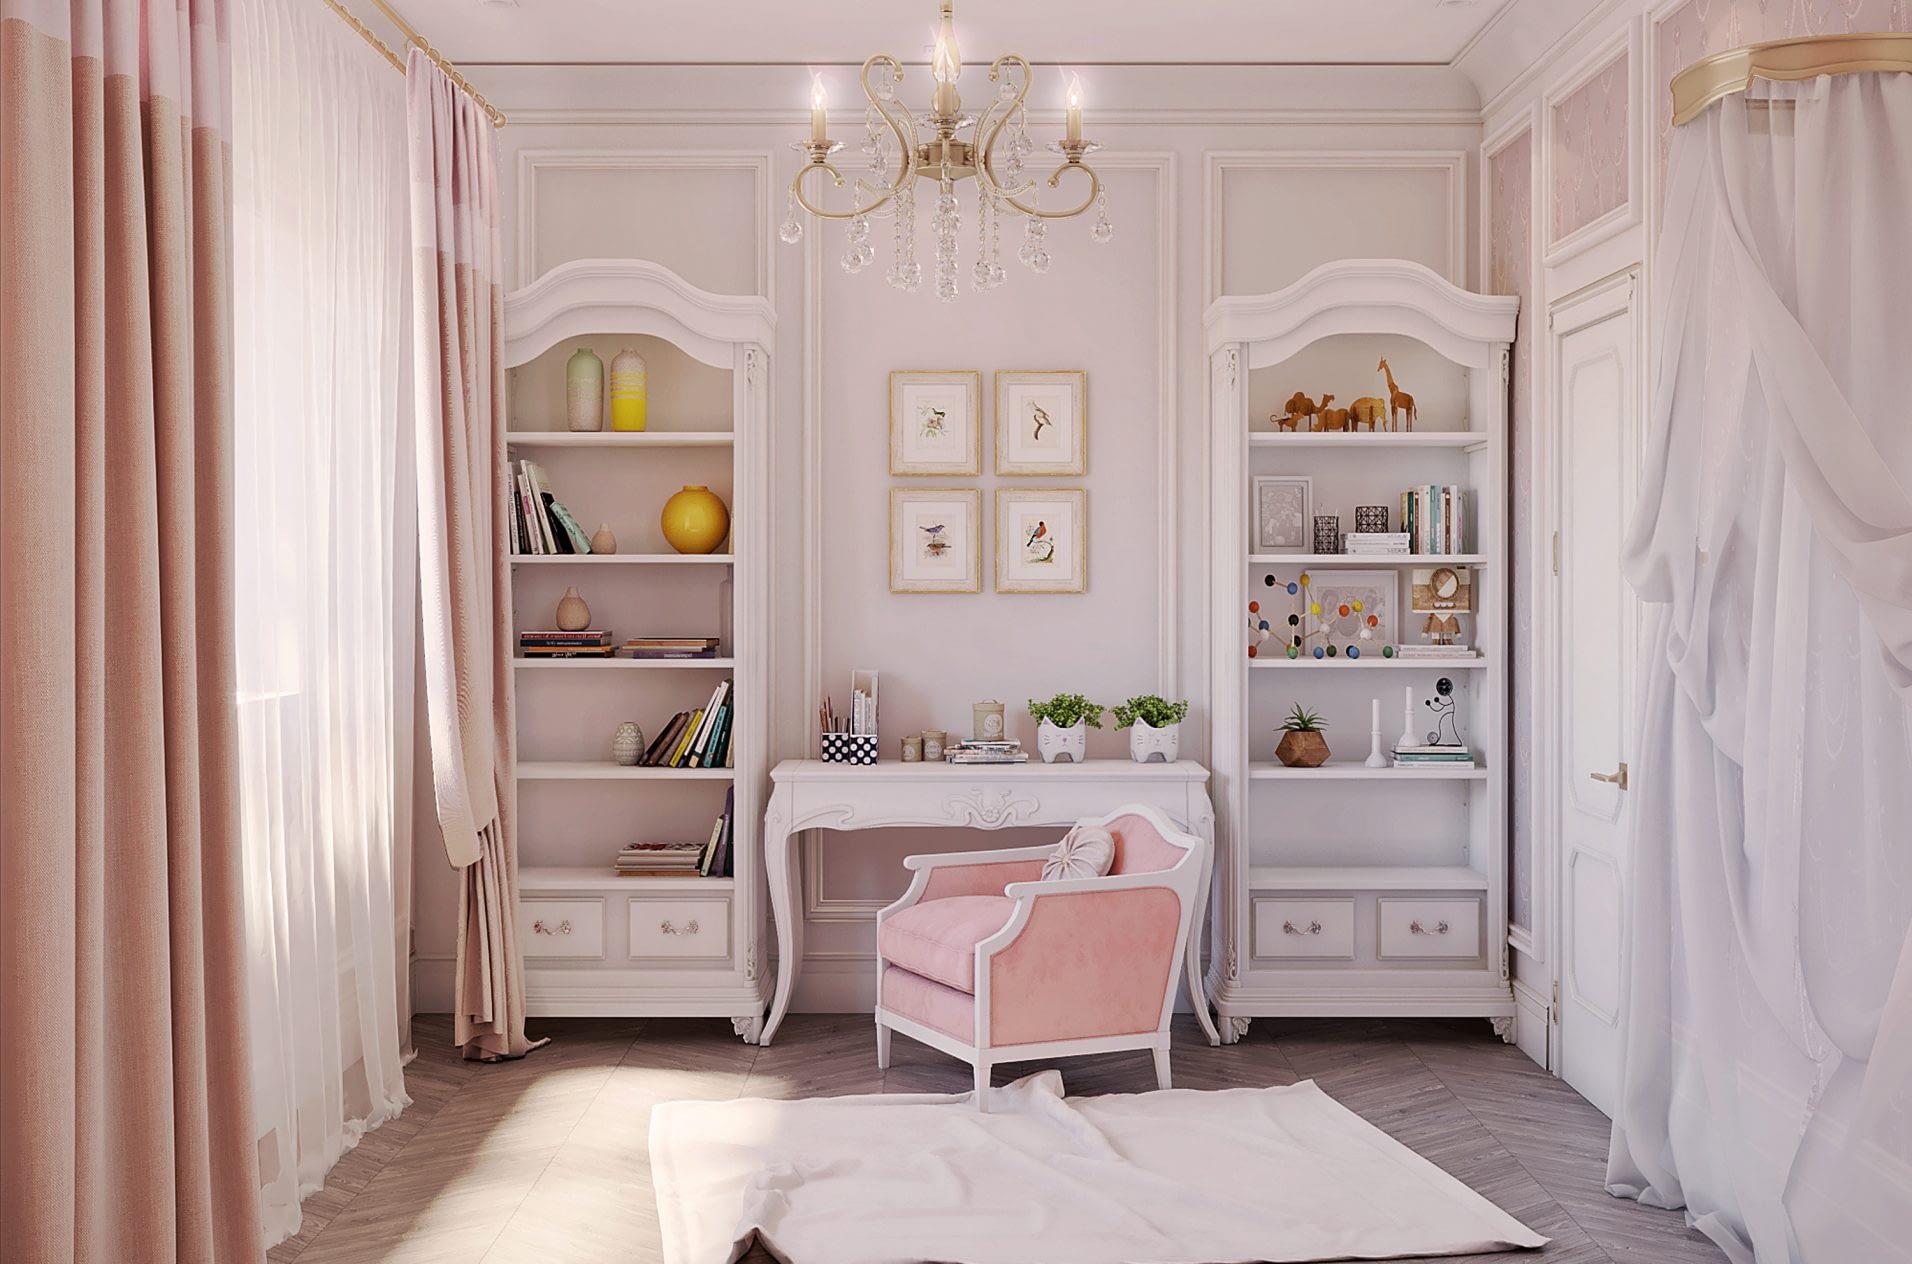 дизайн проект интерьера спальной комнаты в частном доме от Lavrov Design